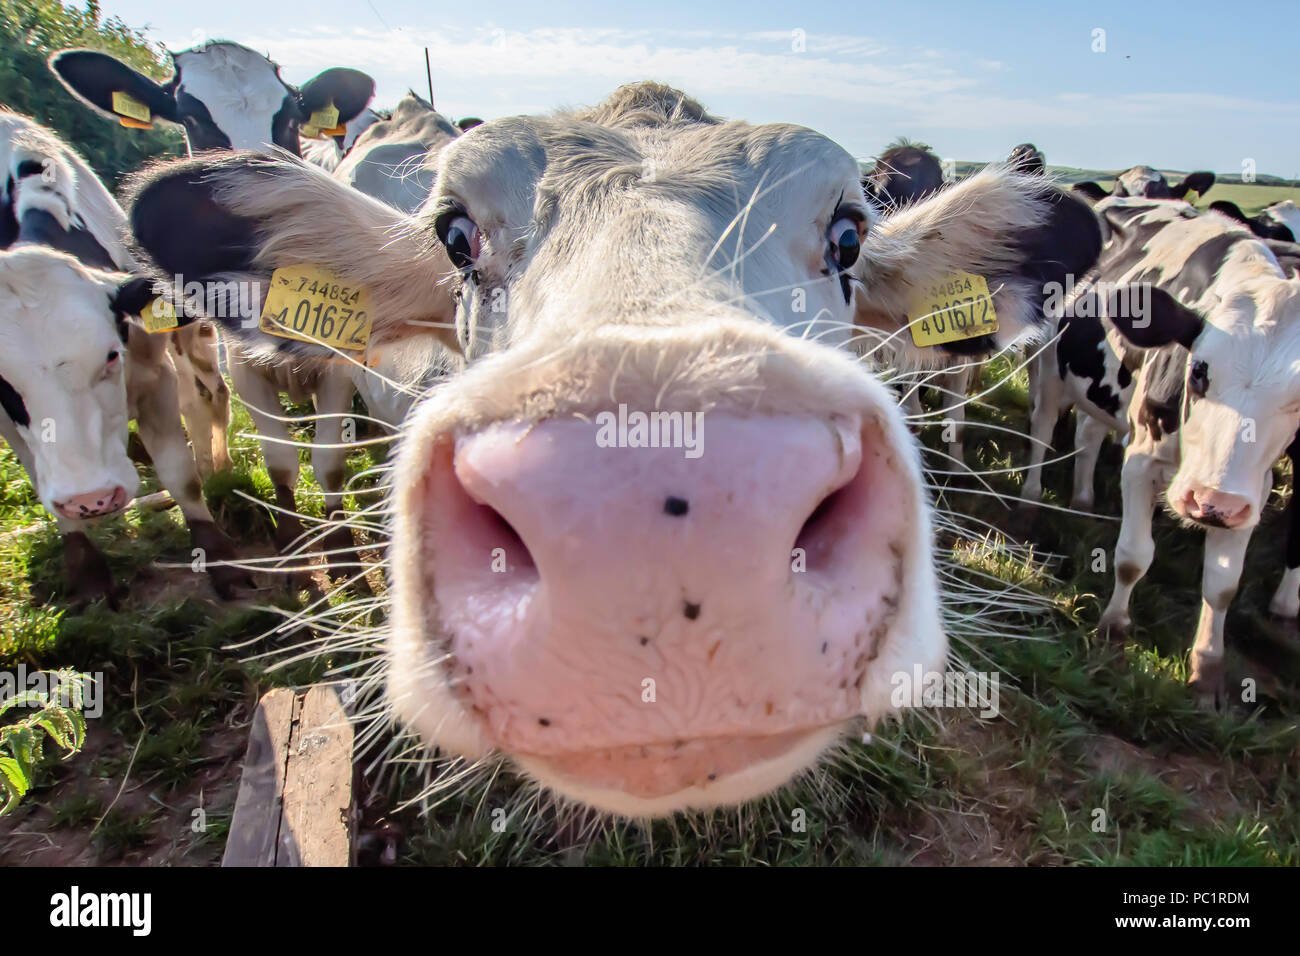 Vaca blanca cerca de retrato en la pastura.Farm animal mirando a la cámara con lente gran angular.gracioso y adorables animales bovinos.uk.gracioso vacas. Imagen De Stock